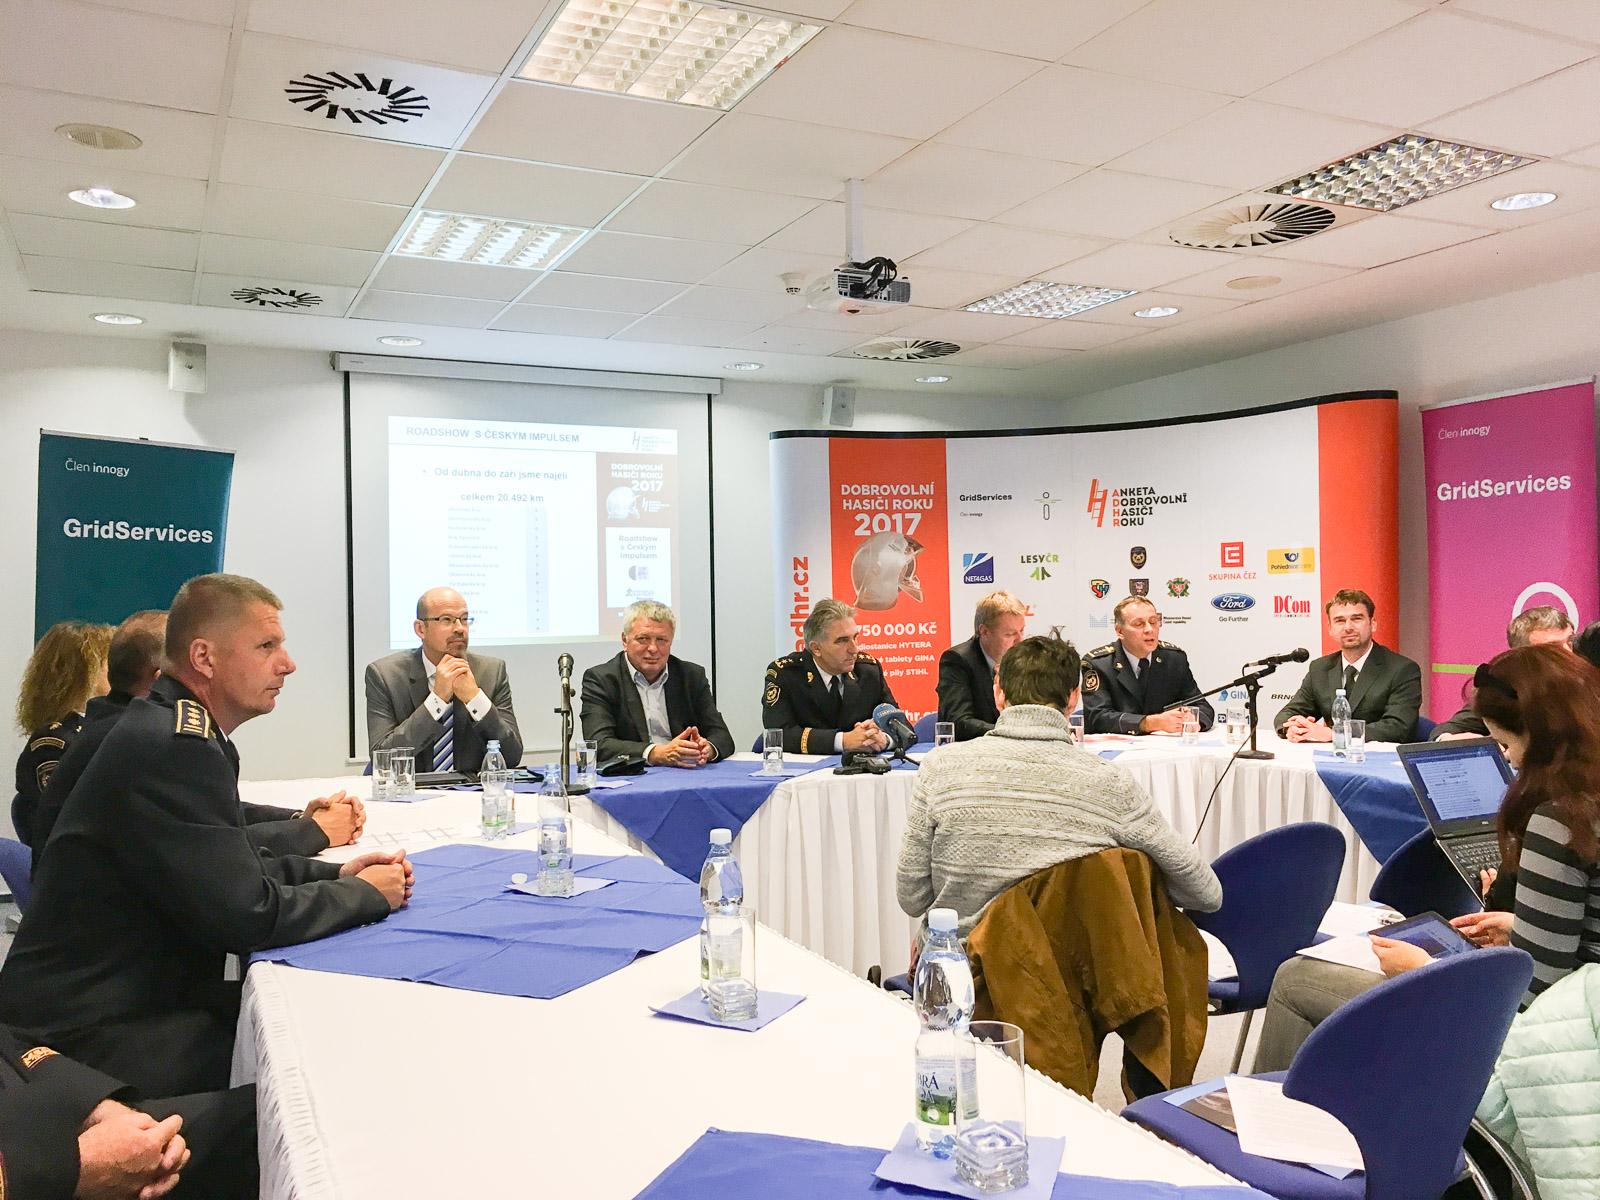 adhr-praha-tiskova-konference-09-15-2017--32